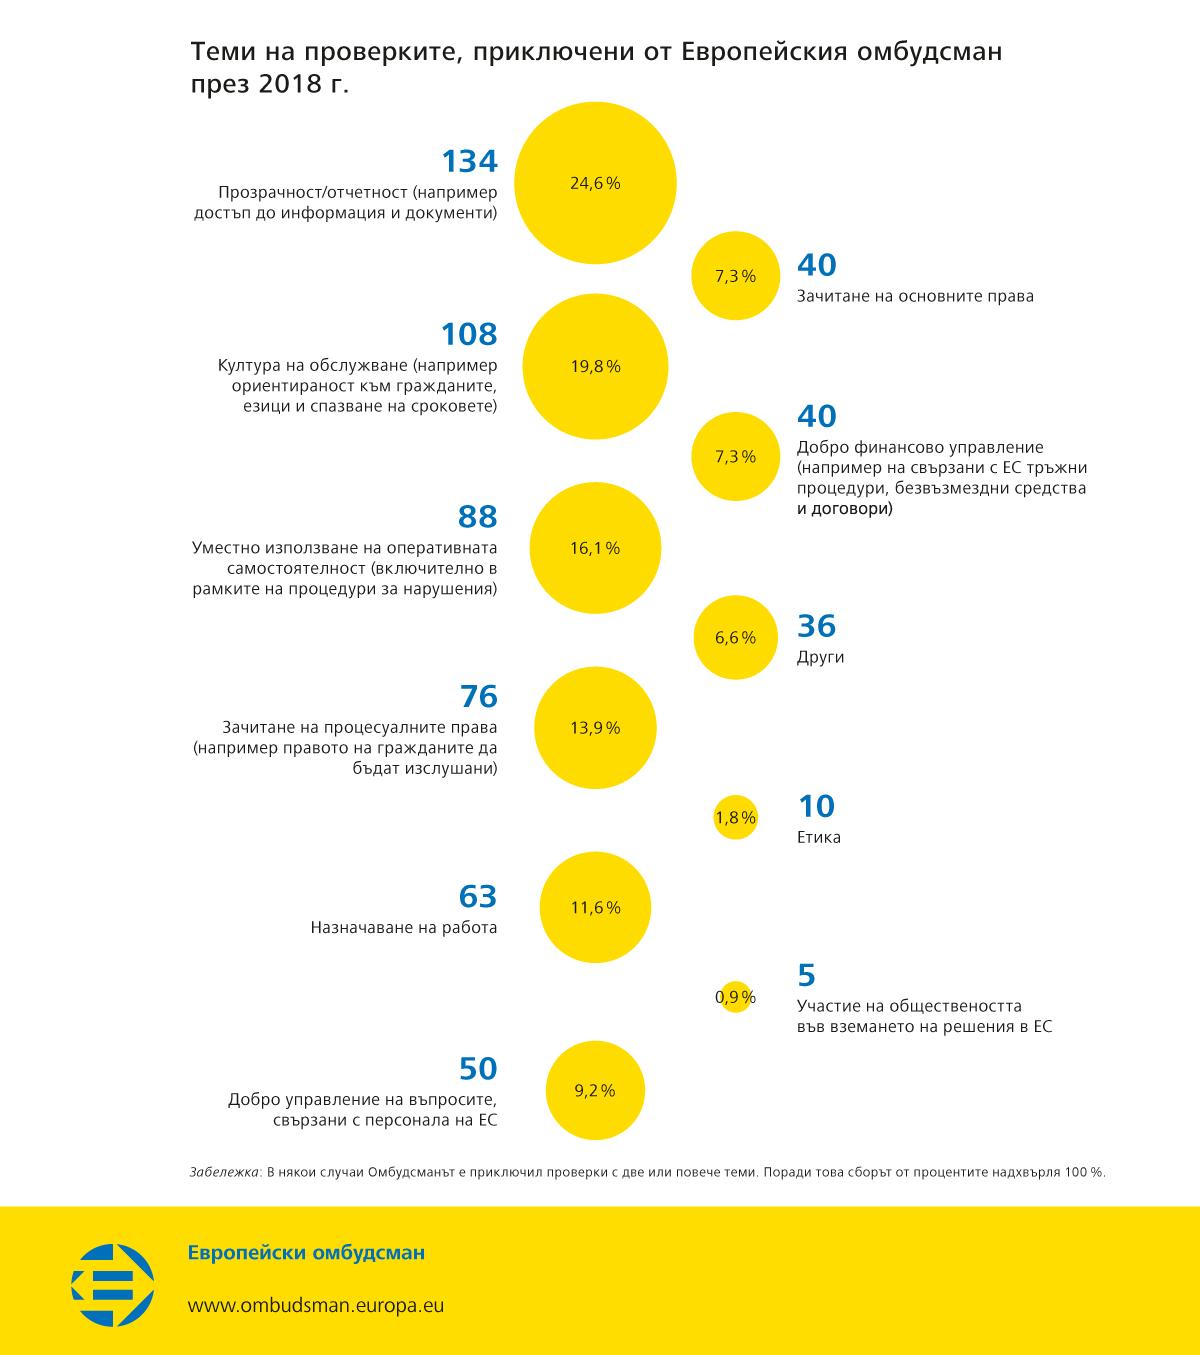 Теми на проверките, приключени от Европейския омбудсман през 2018 г.